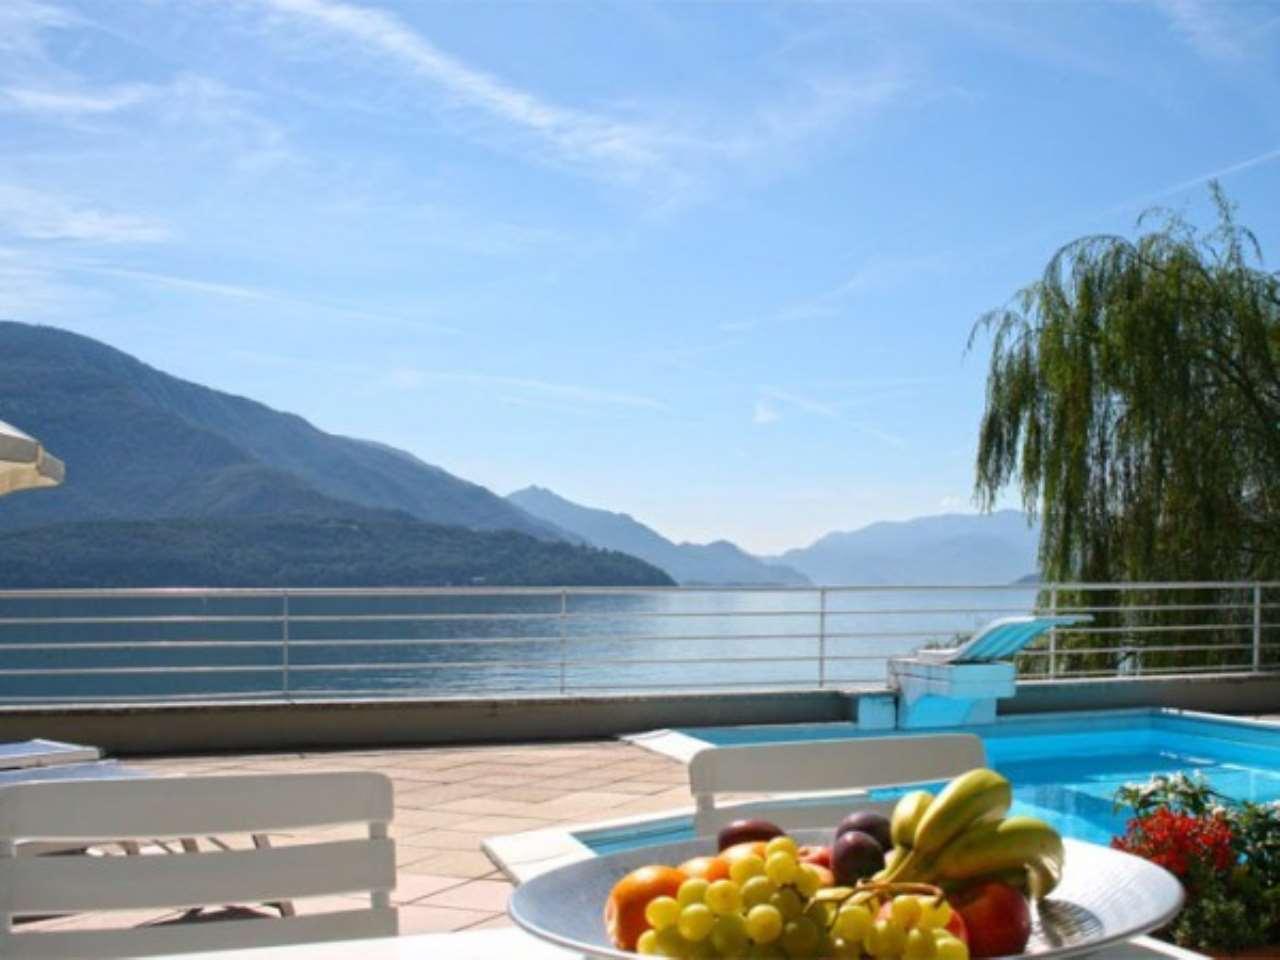 Villa in vendita a Gravedona ed Uniti, 4 locali, prezzo € 1.750.000 | PortaleAgenzieImmobiliari.it